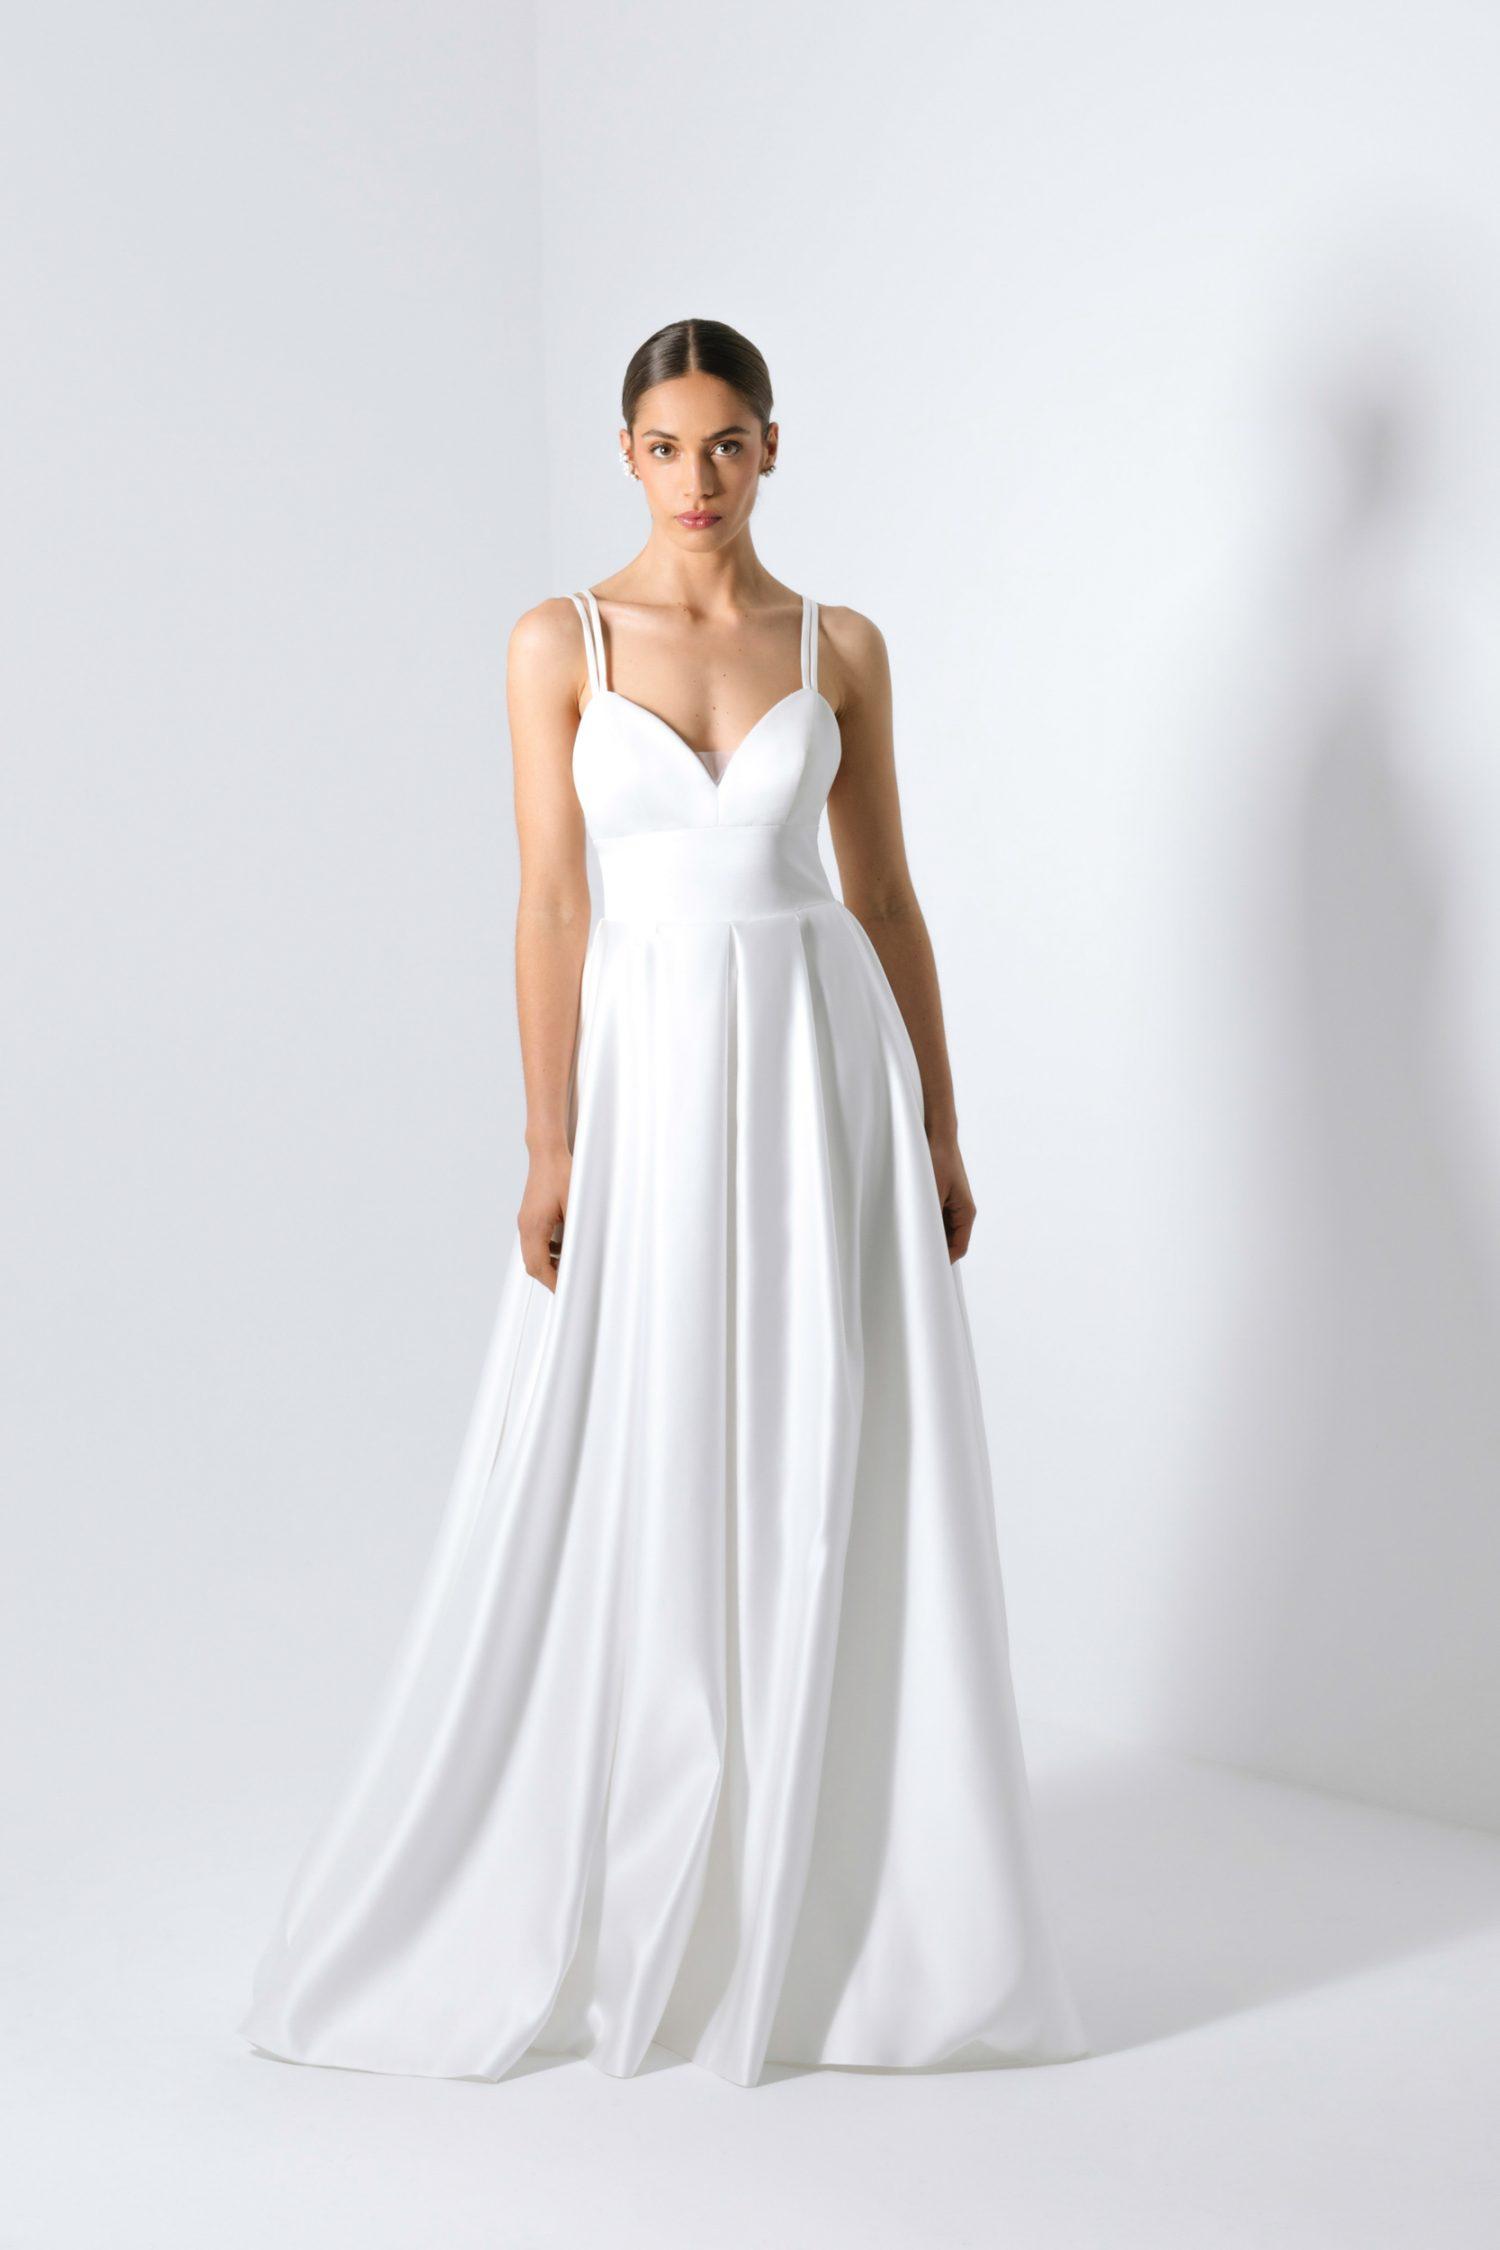 Vestido de noiva branco com corte princesa de decote em bico com alças.